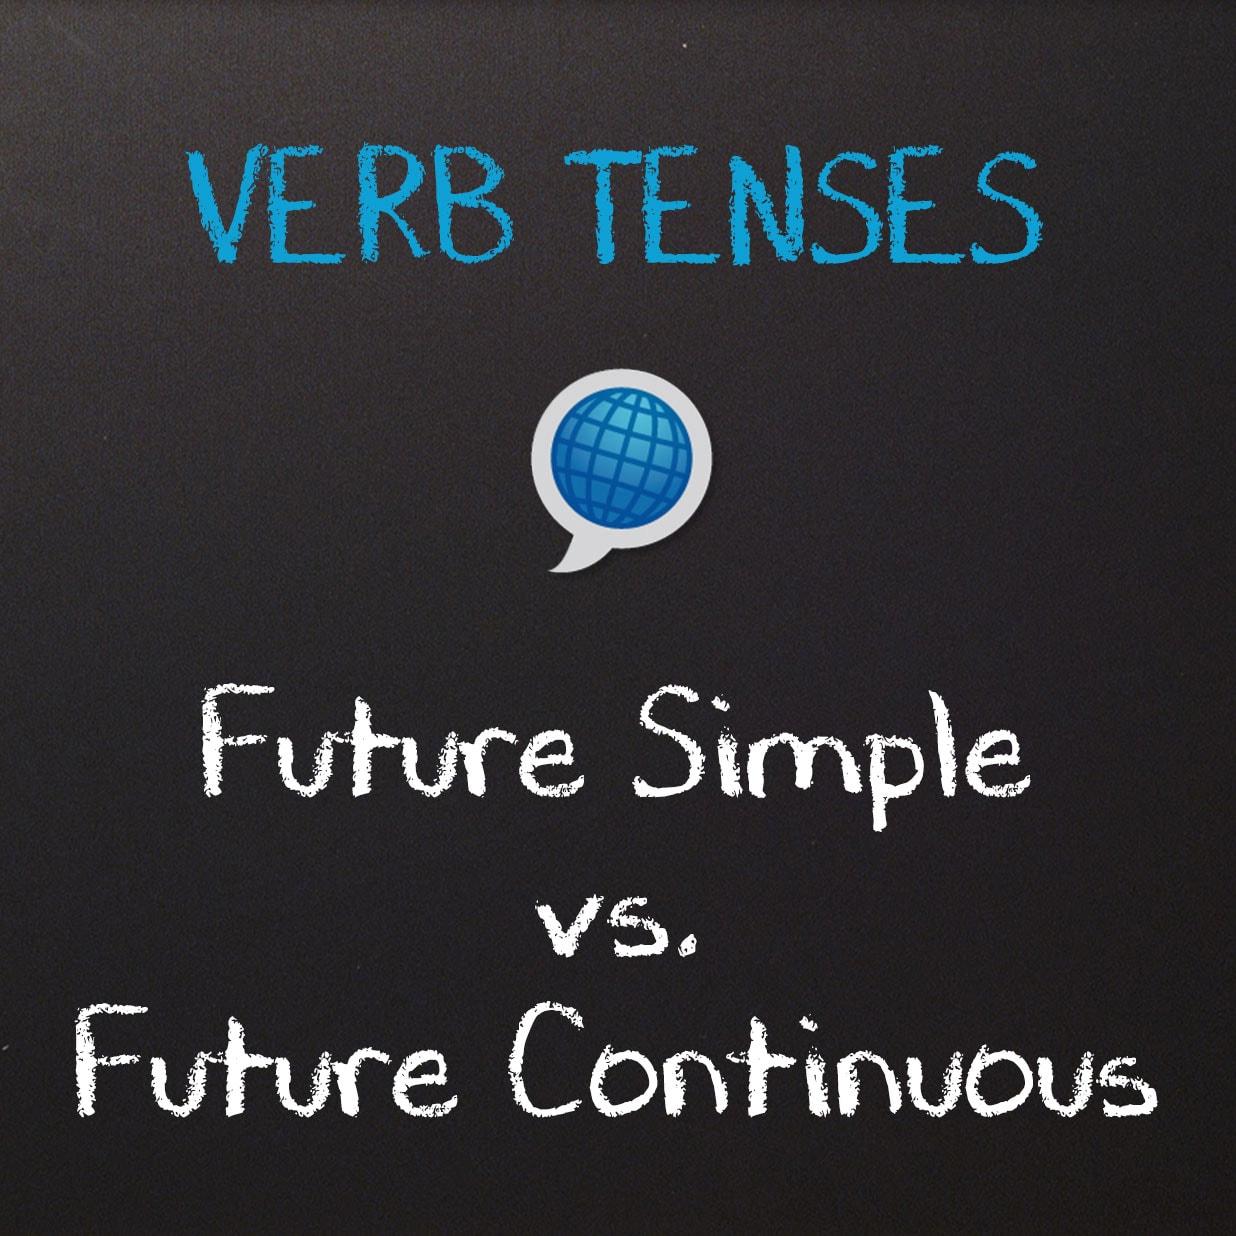 Future Simple vs Future Continuous